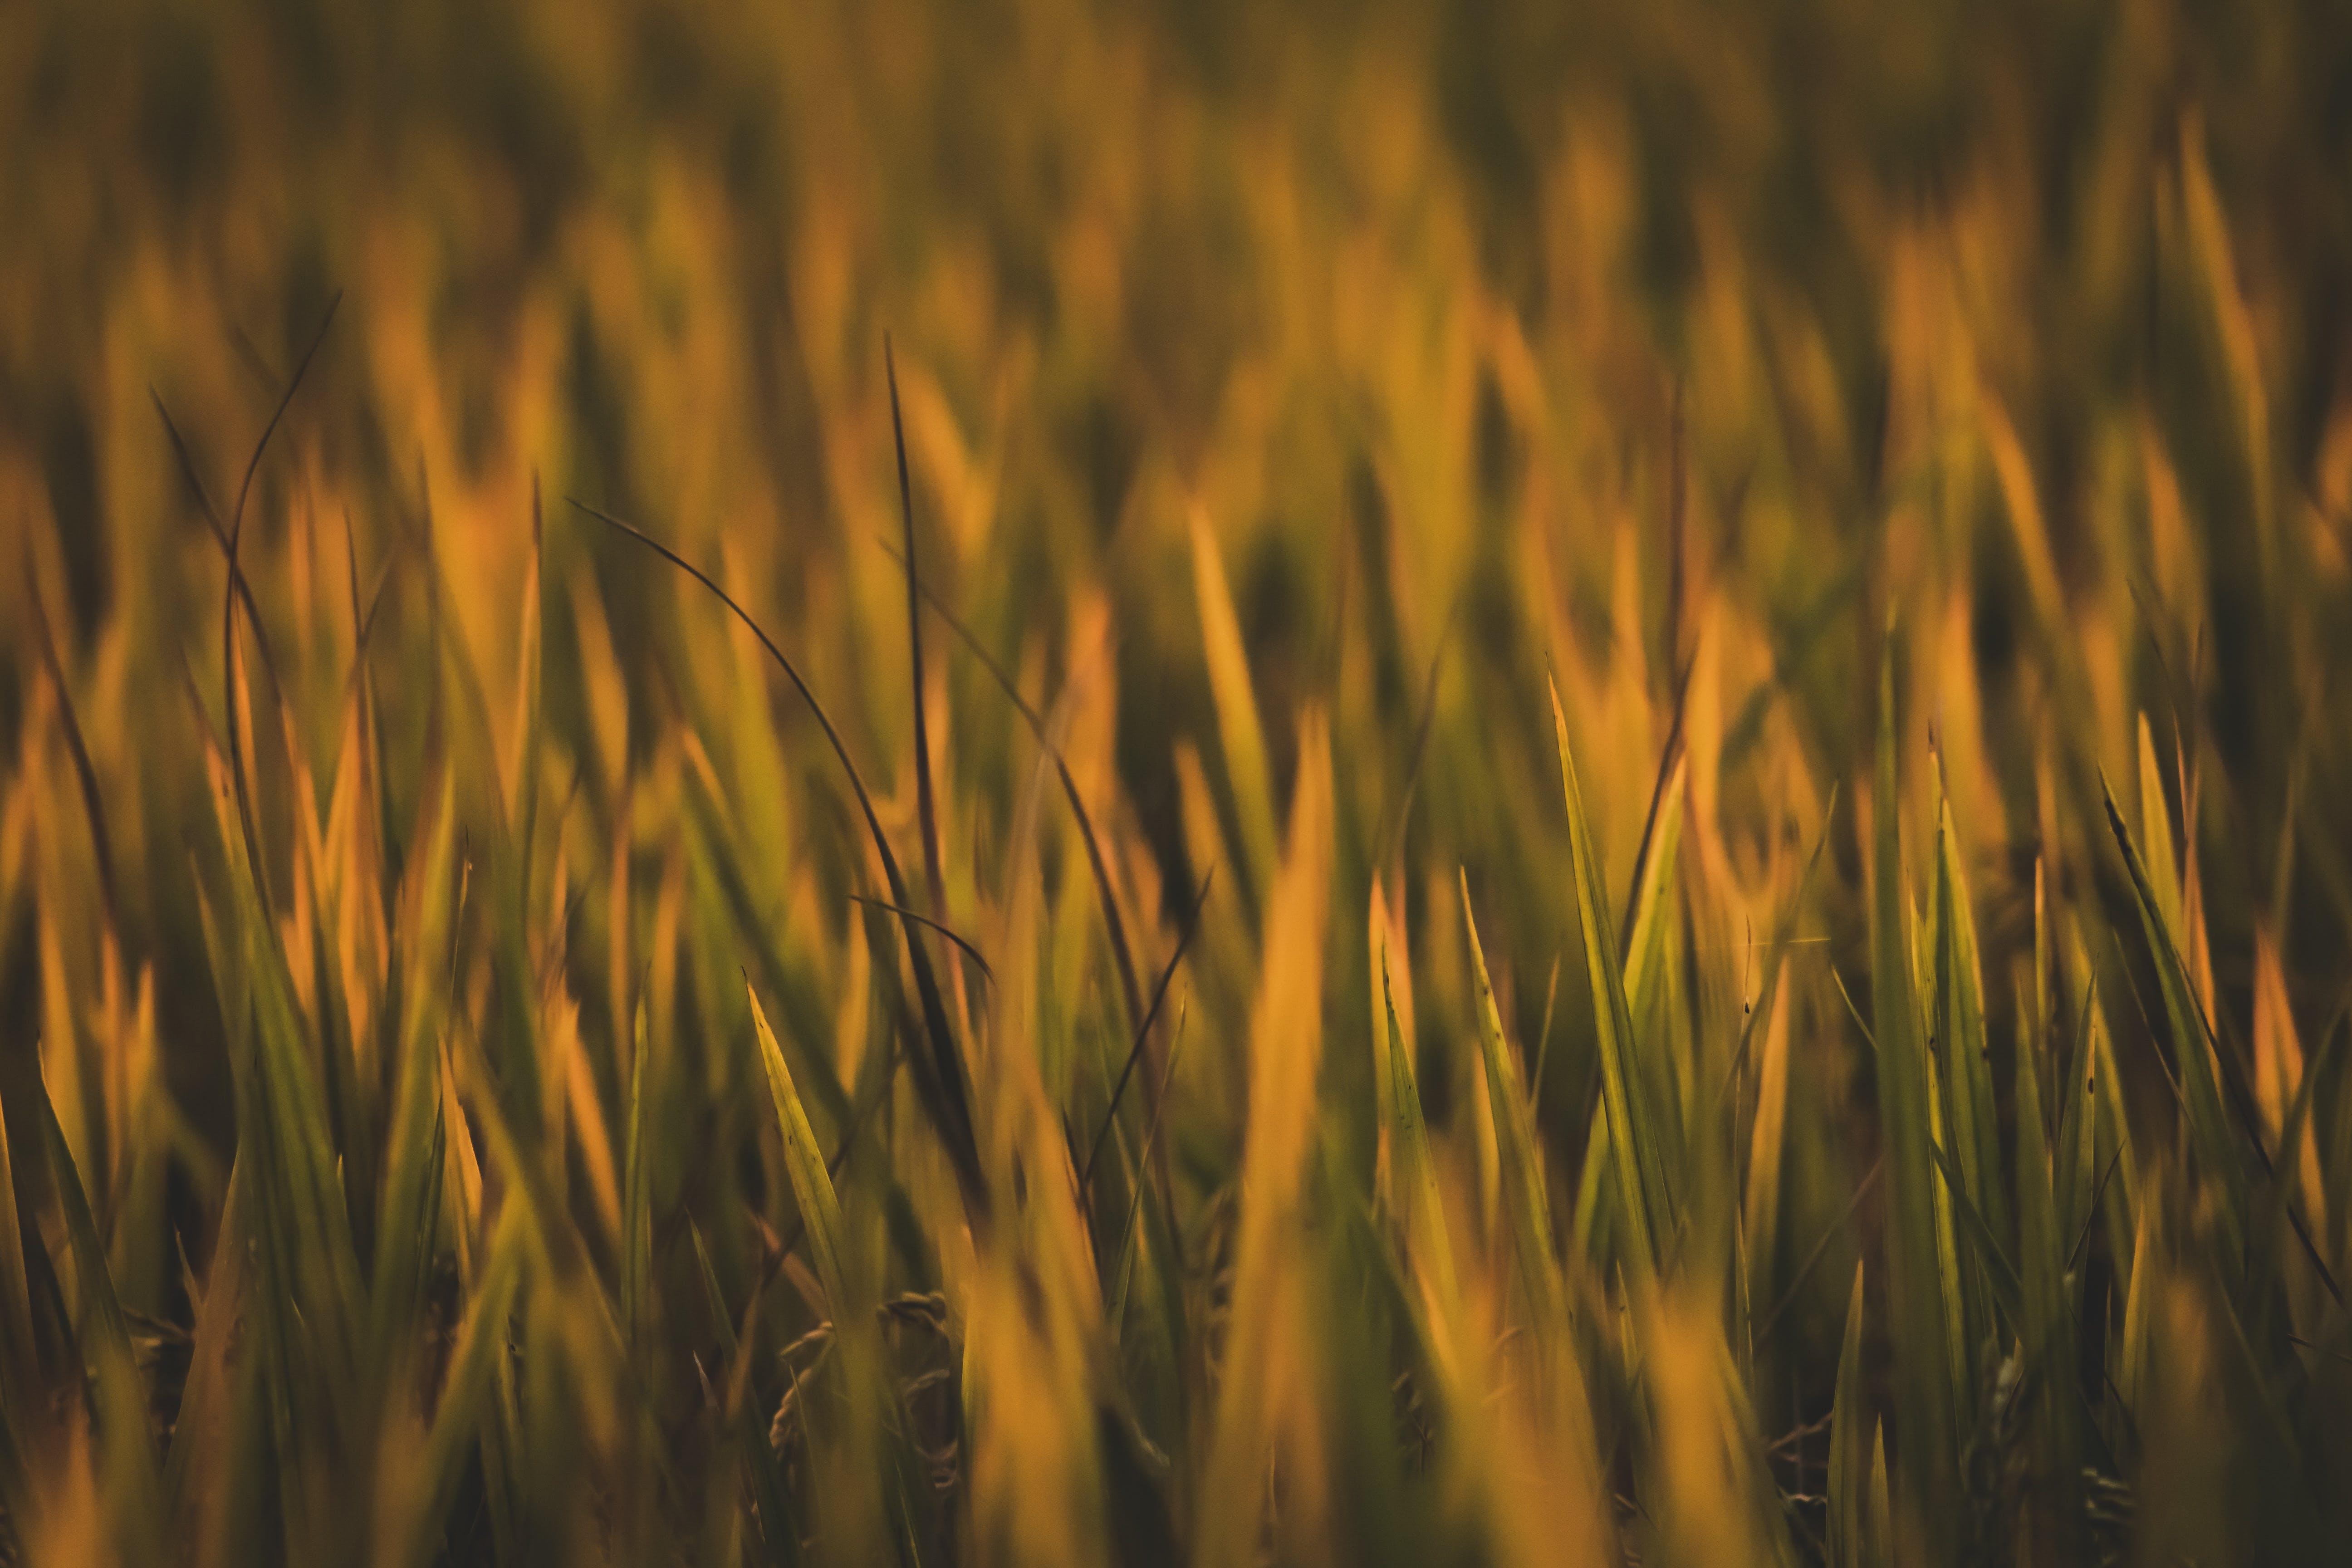 bitkiler, bulanık, bulanıklık, büyüme içeren Ücretsiz stok fotoğraf